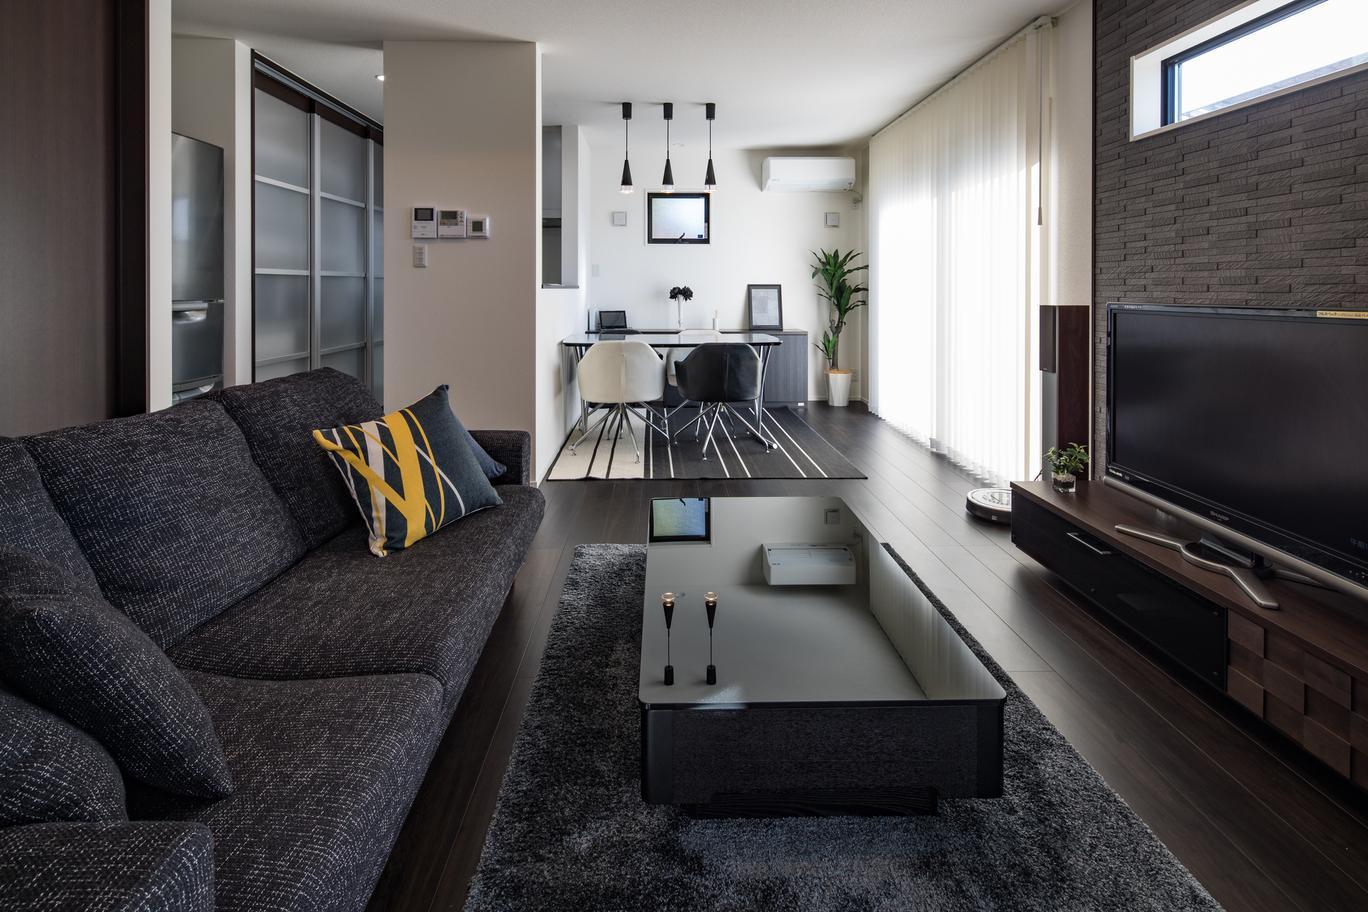 梁・壁・床・家具すべてが計算された統一感